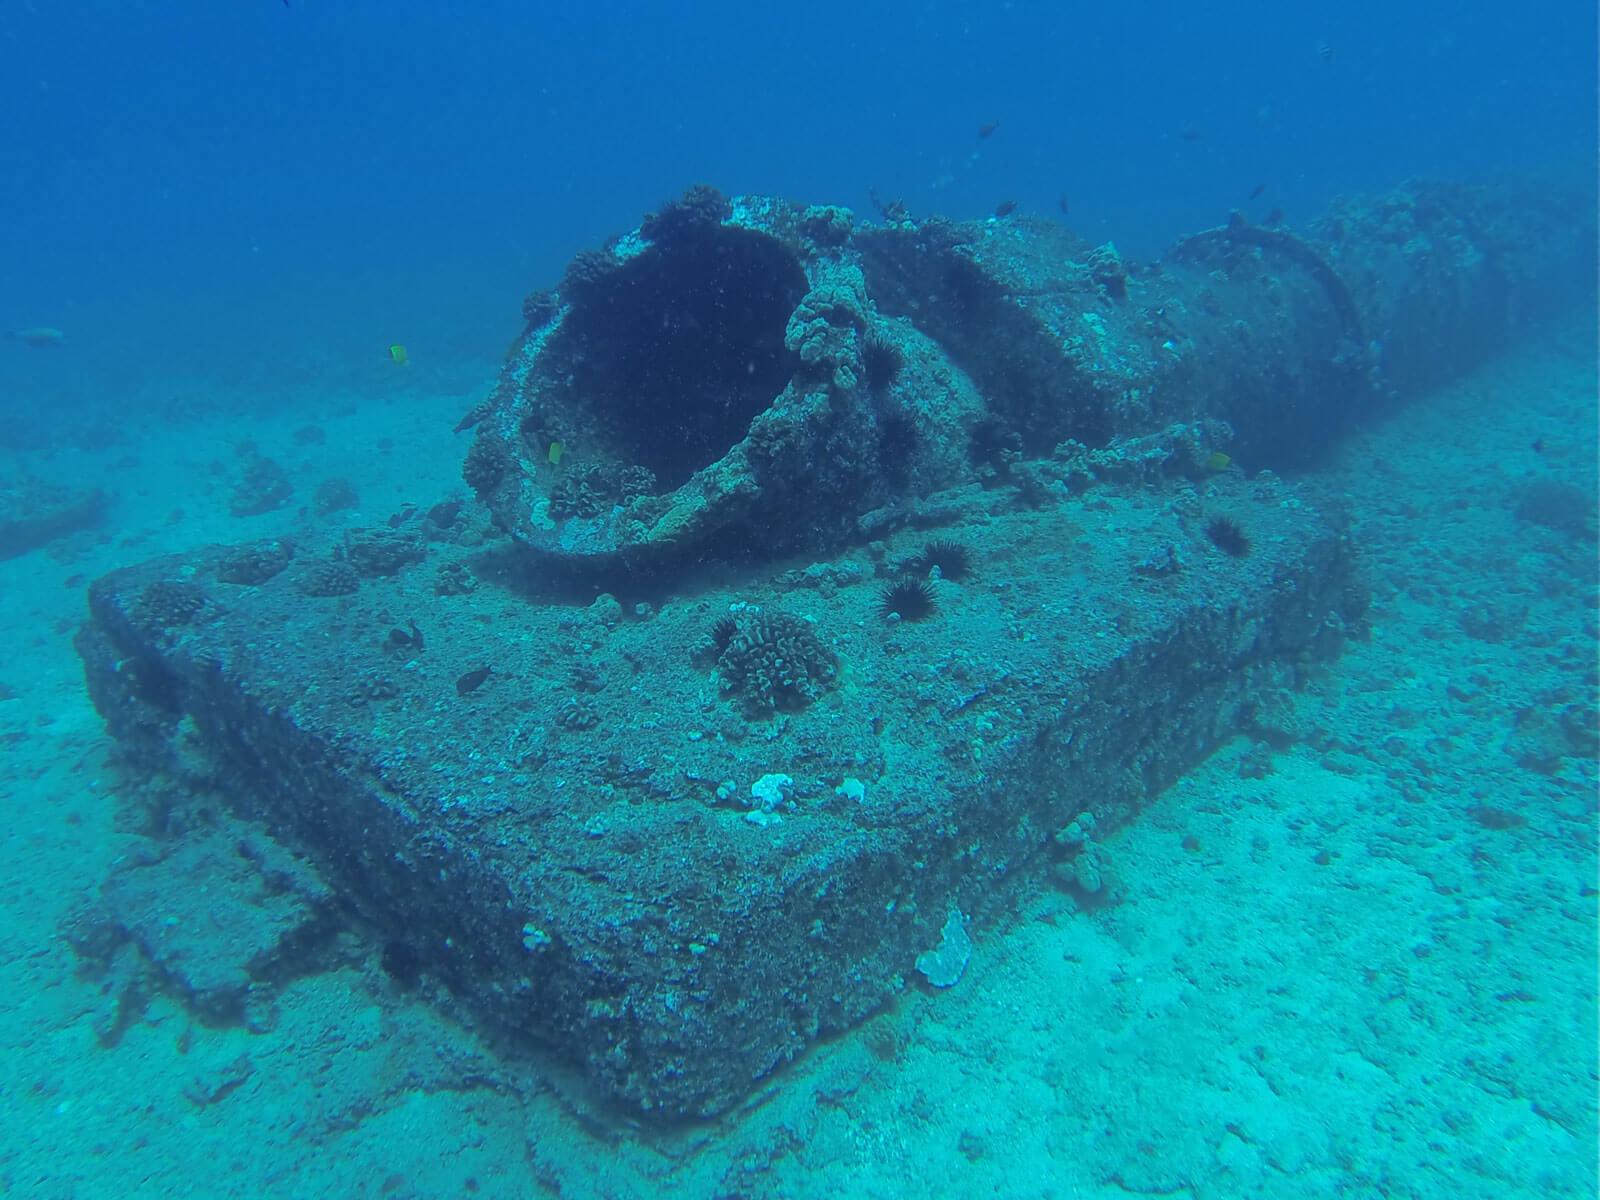 Kewalo pipe reef hawaii scuba diving site - Padi dive sites ...